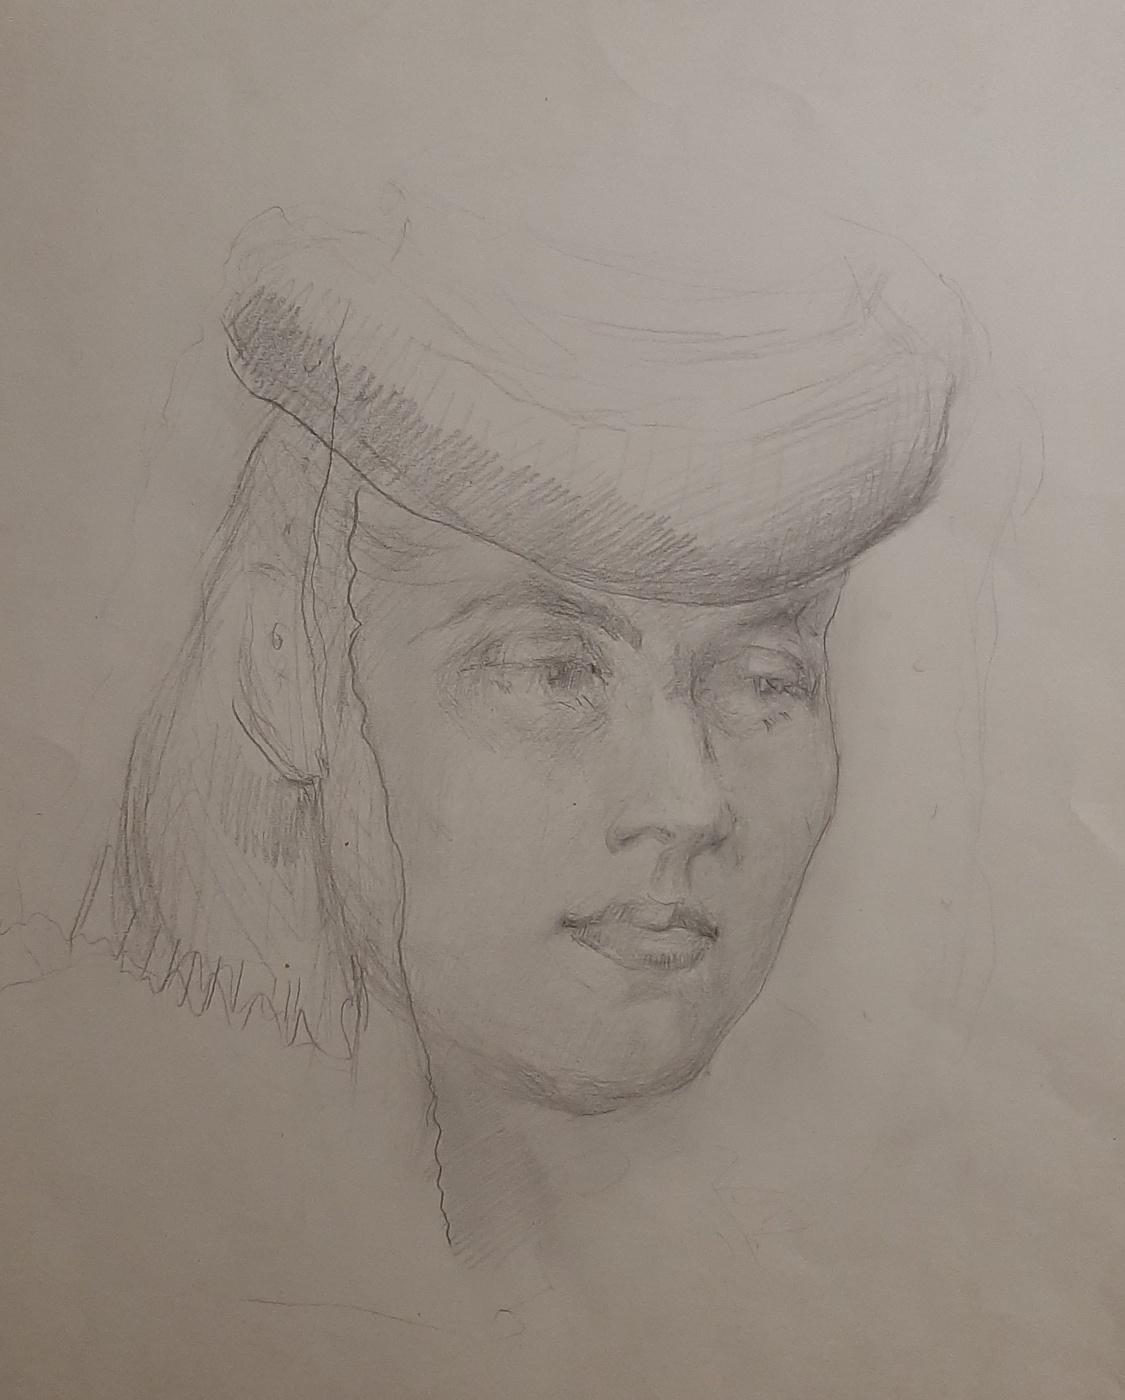 Natalia Agapieva - Zakharova. Female portrait. In the national headdress.